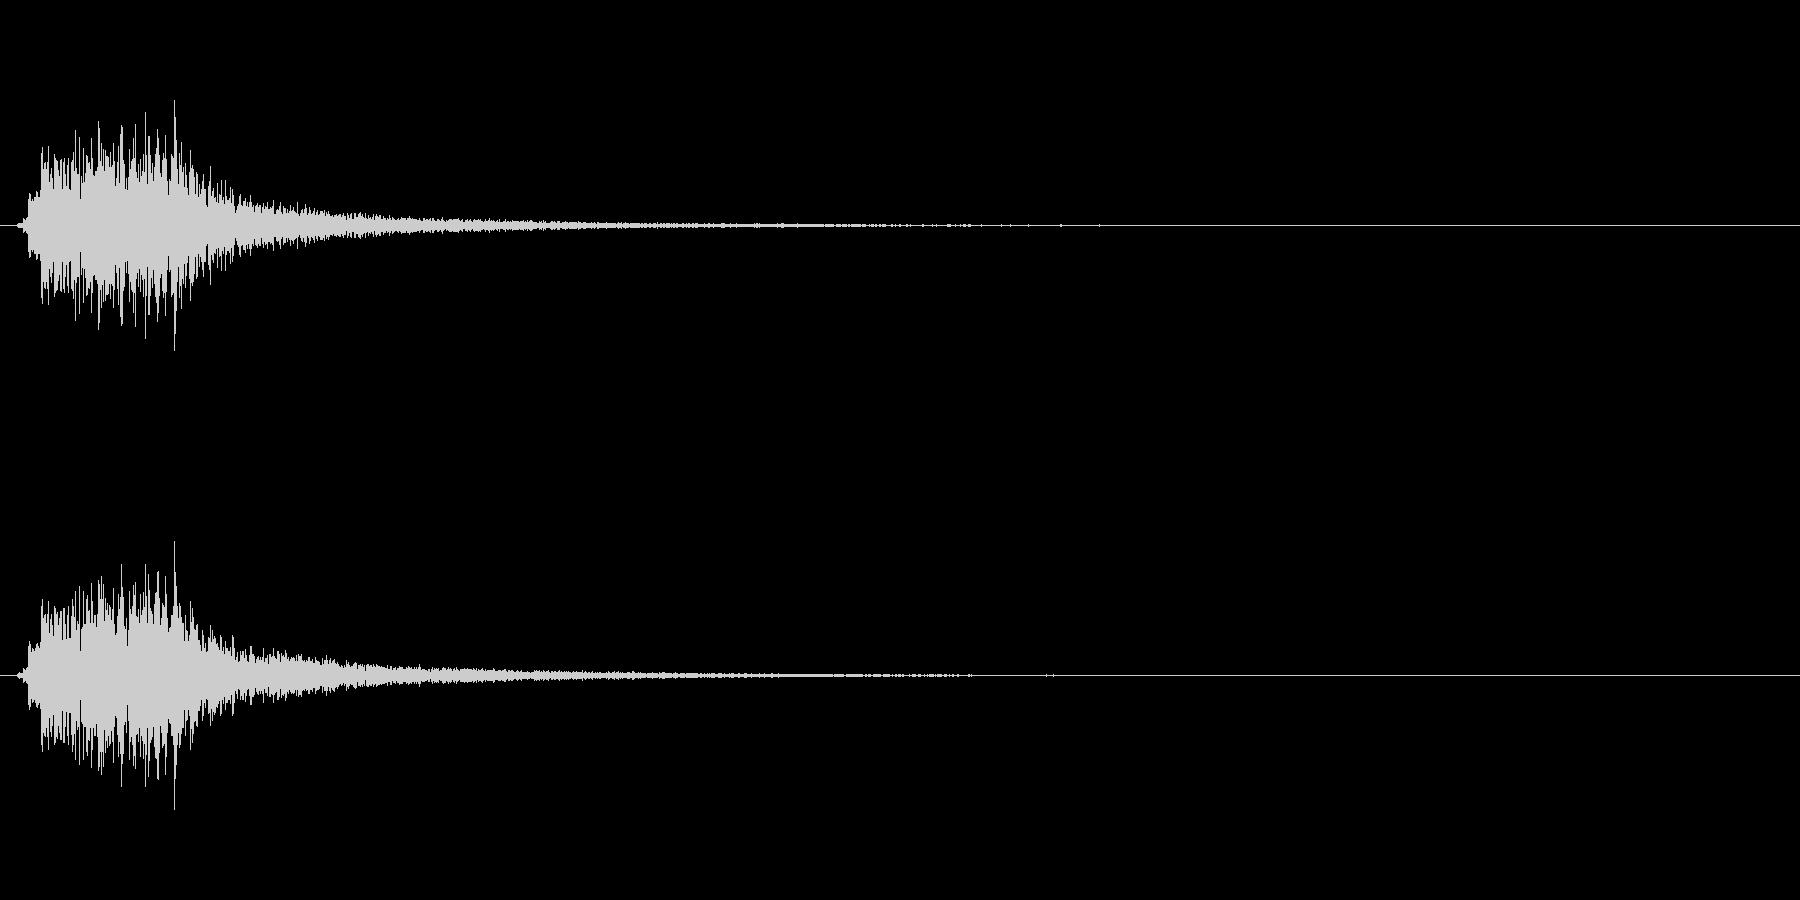 キラキラ系_011の未再生の波形